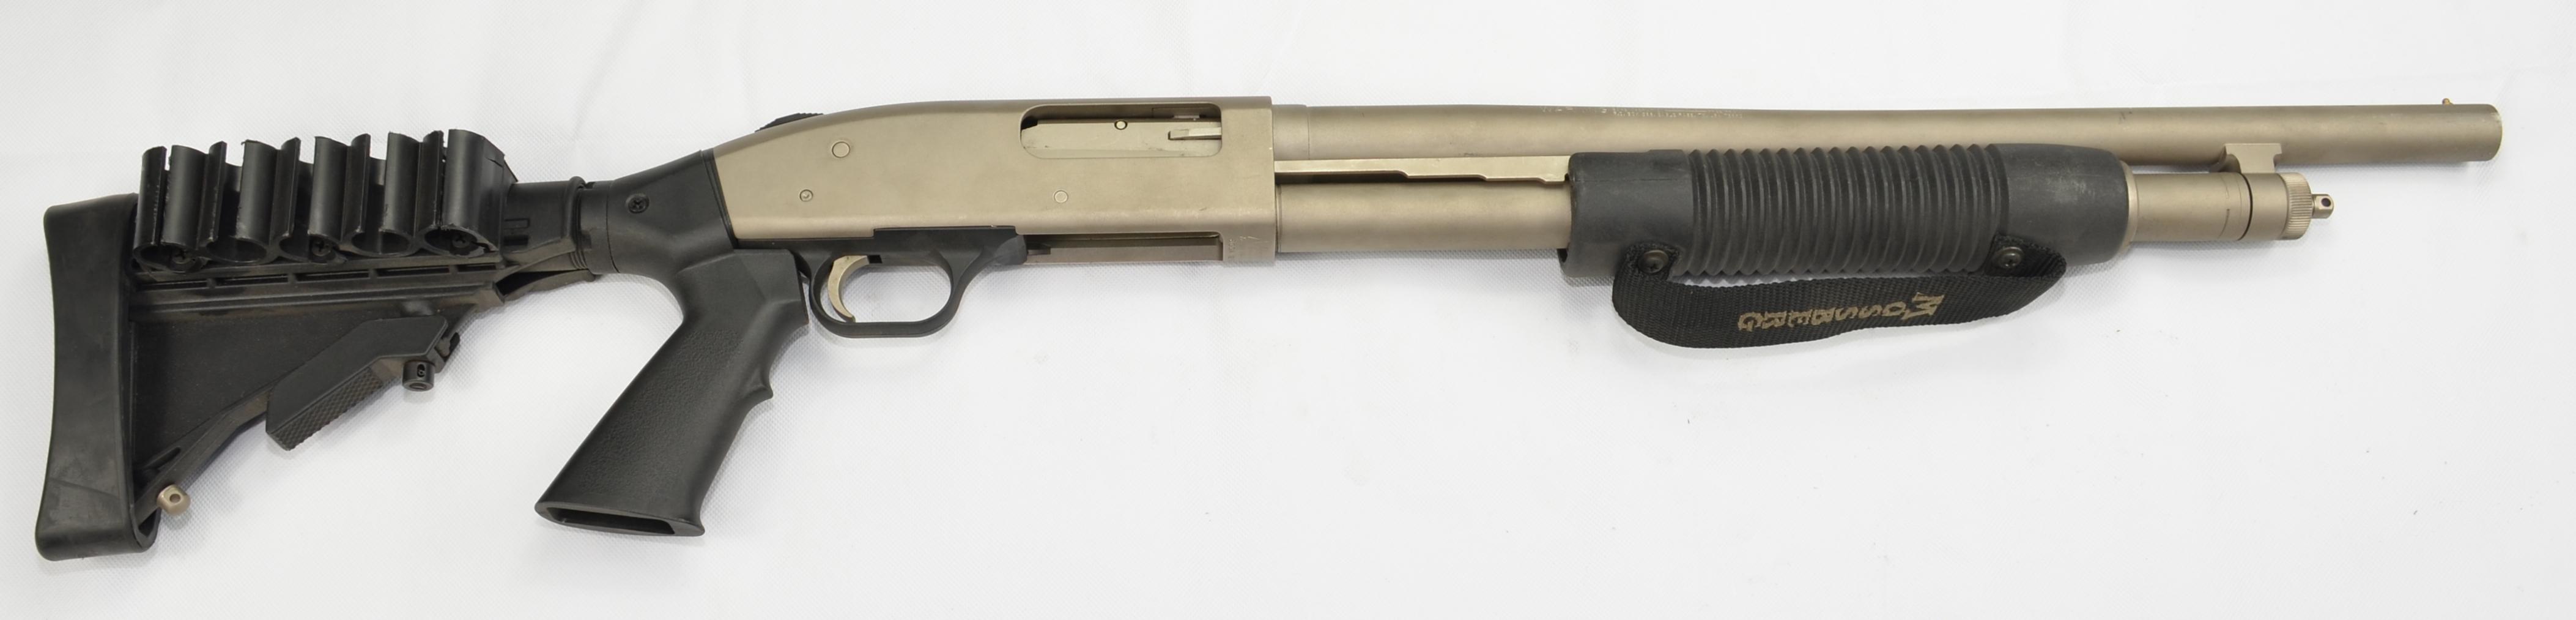 Mossberg 500 chrome